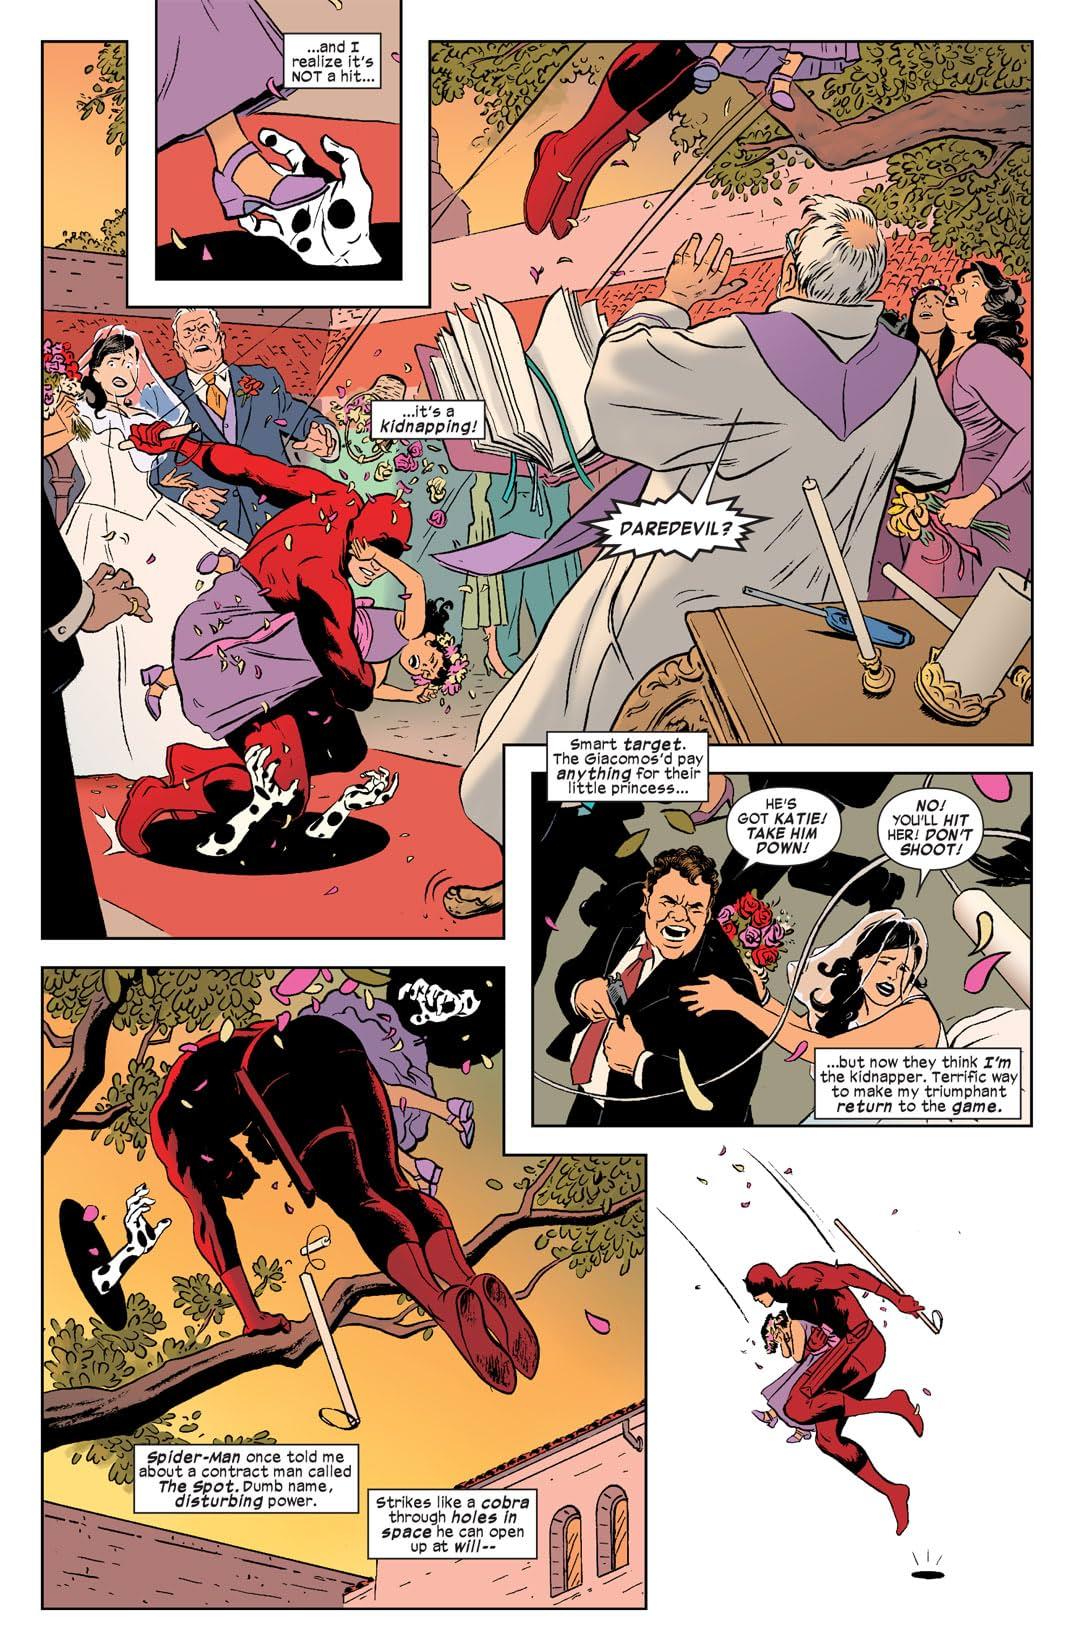 Daredevil By Mark Waid Vol. 1